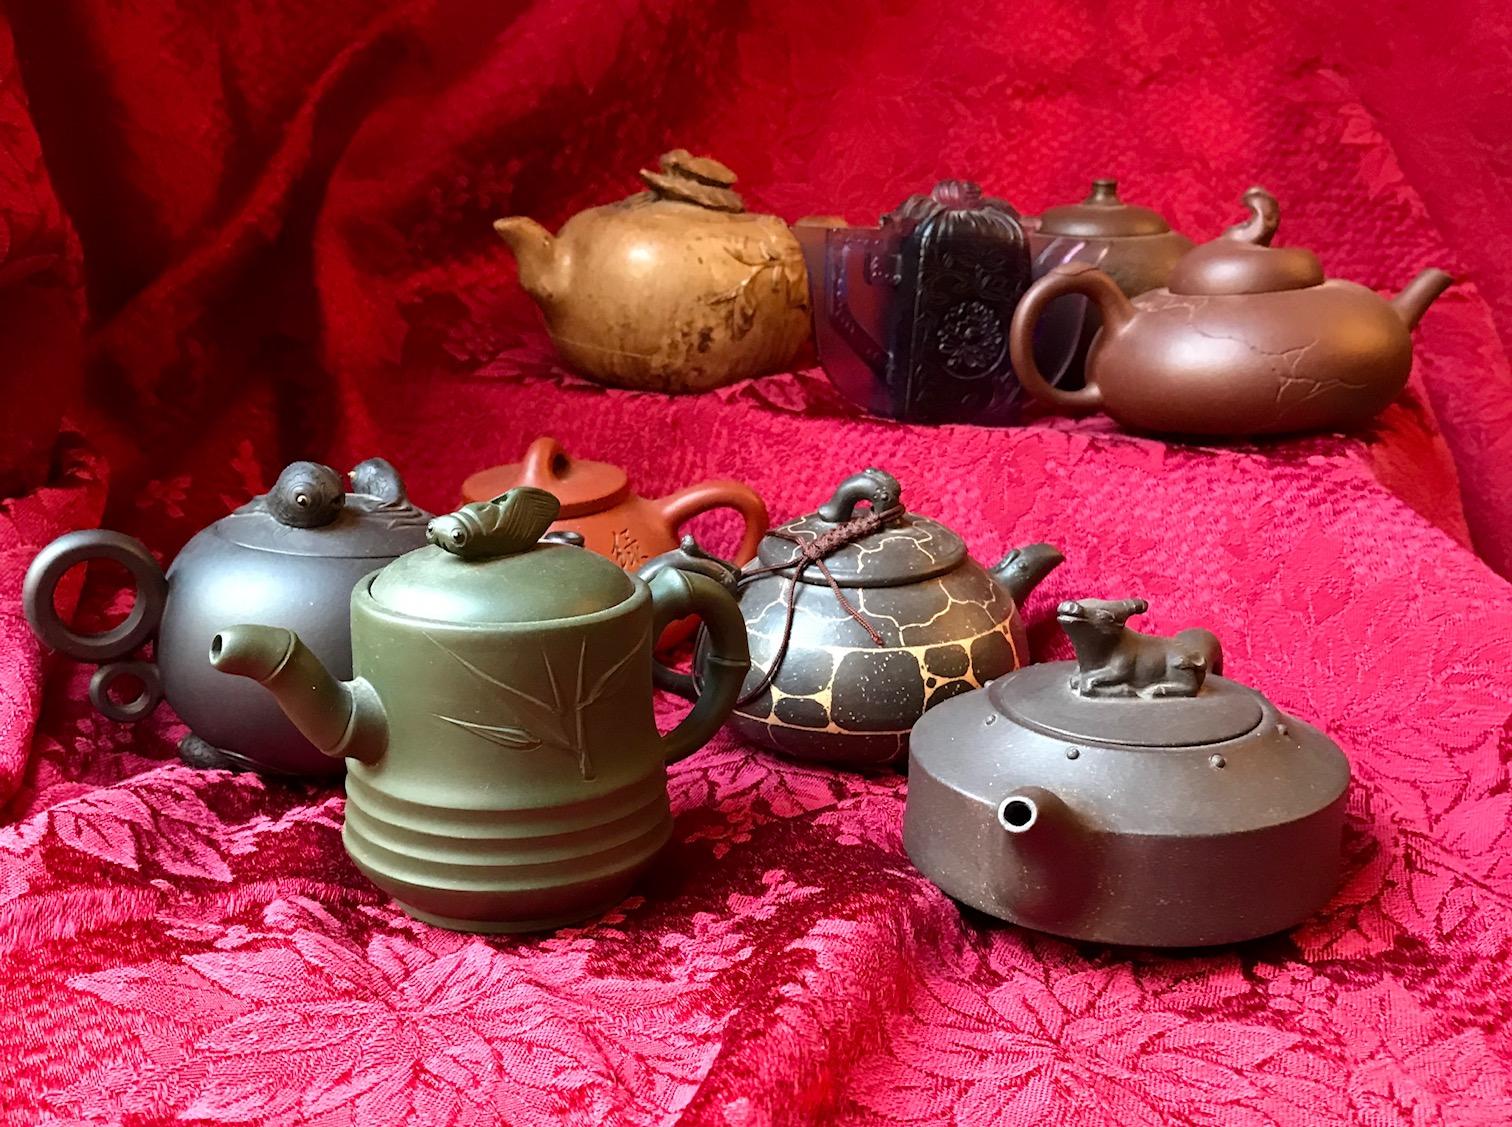 Author Patricia Toht's teapots.